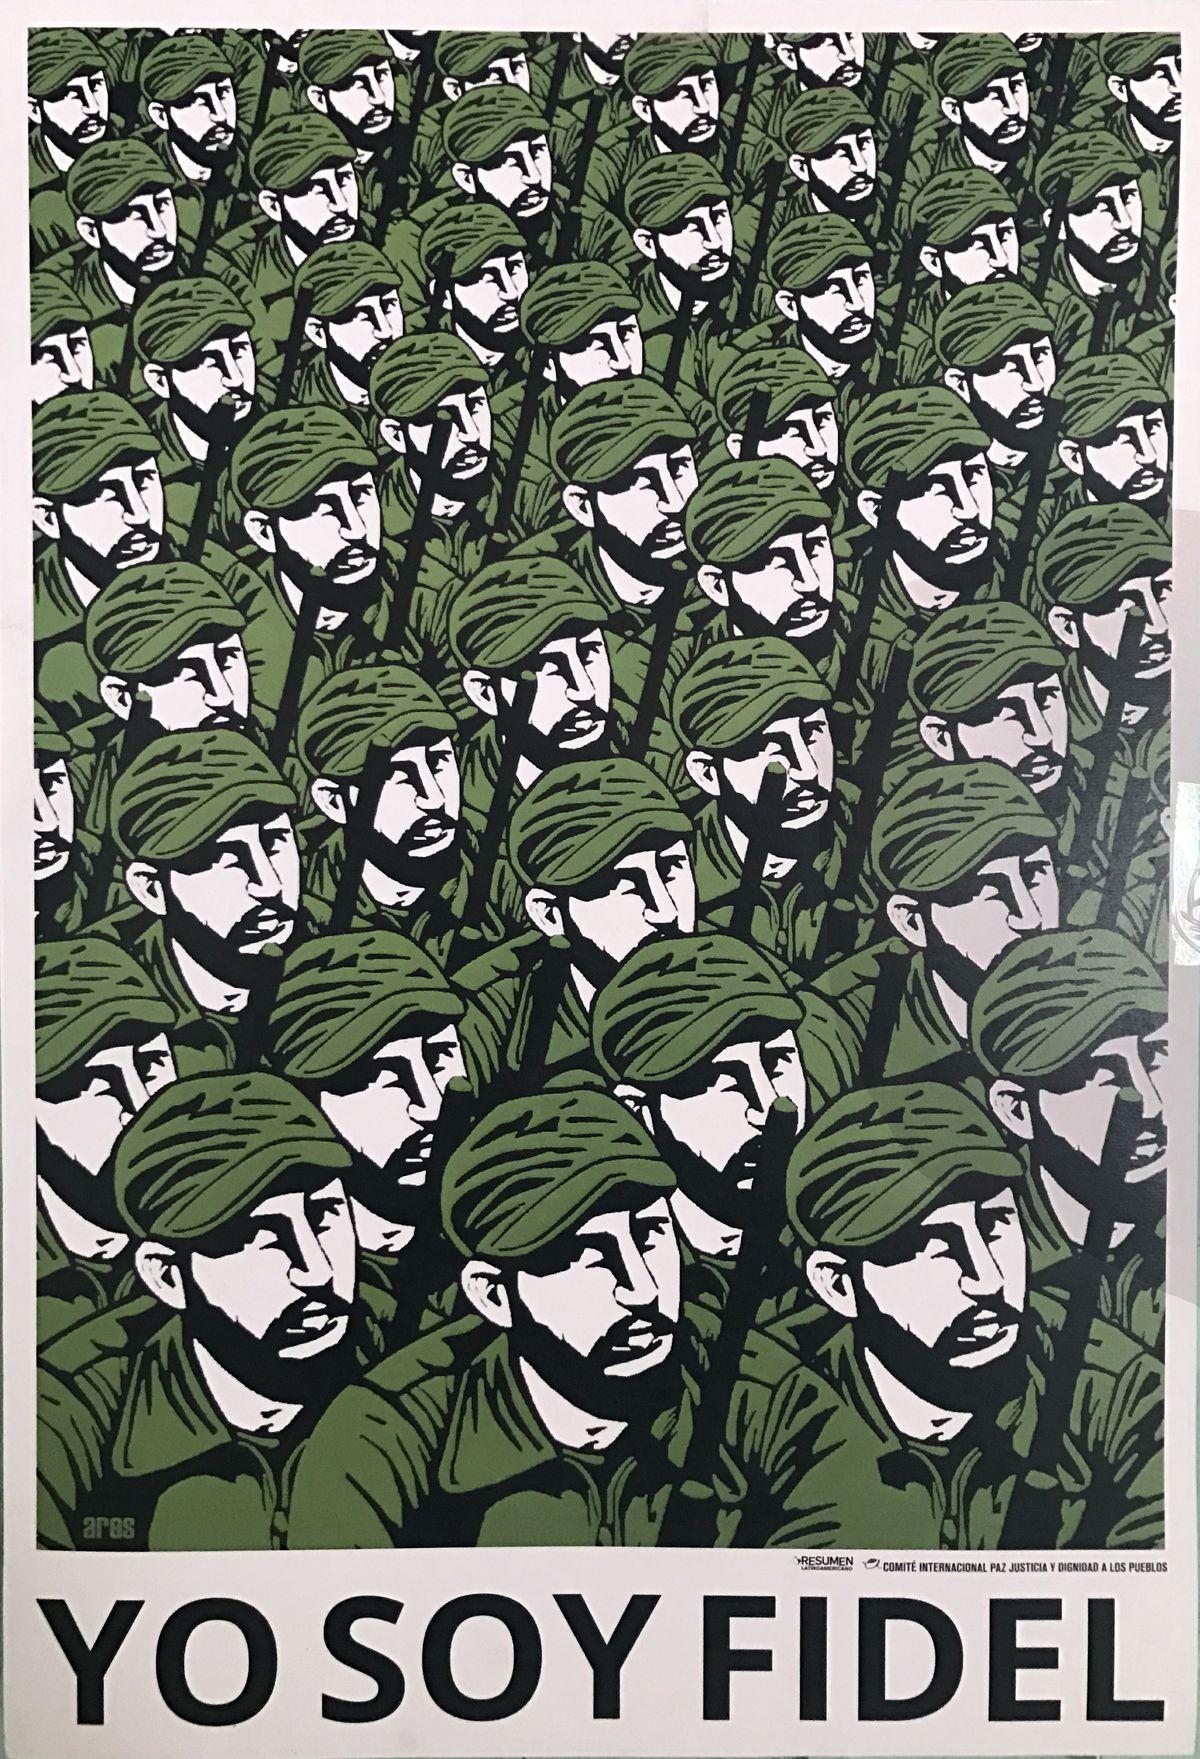 Post Fidel Castro government poster